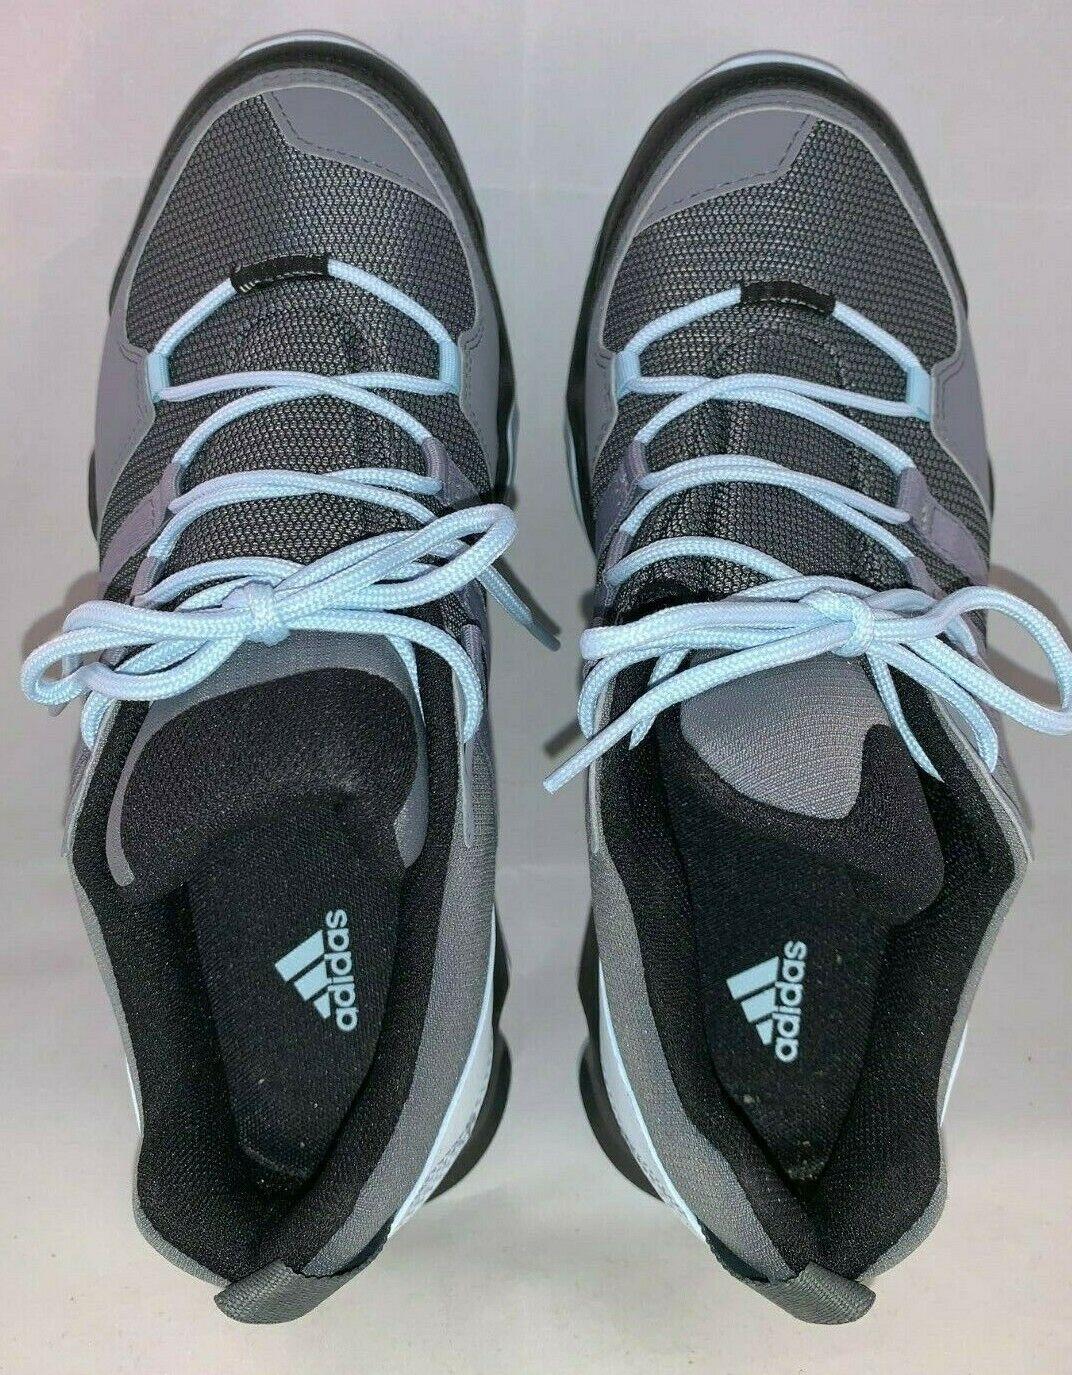 Adidas Climaproof BB1679 donna scarpe da ginnastica Dimensione 8 Nuovo no Box